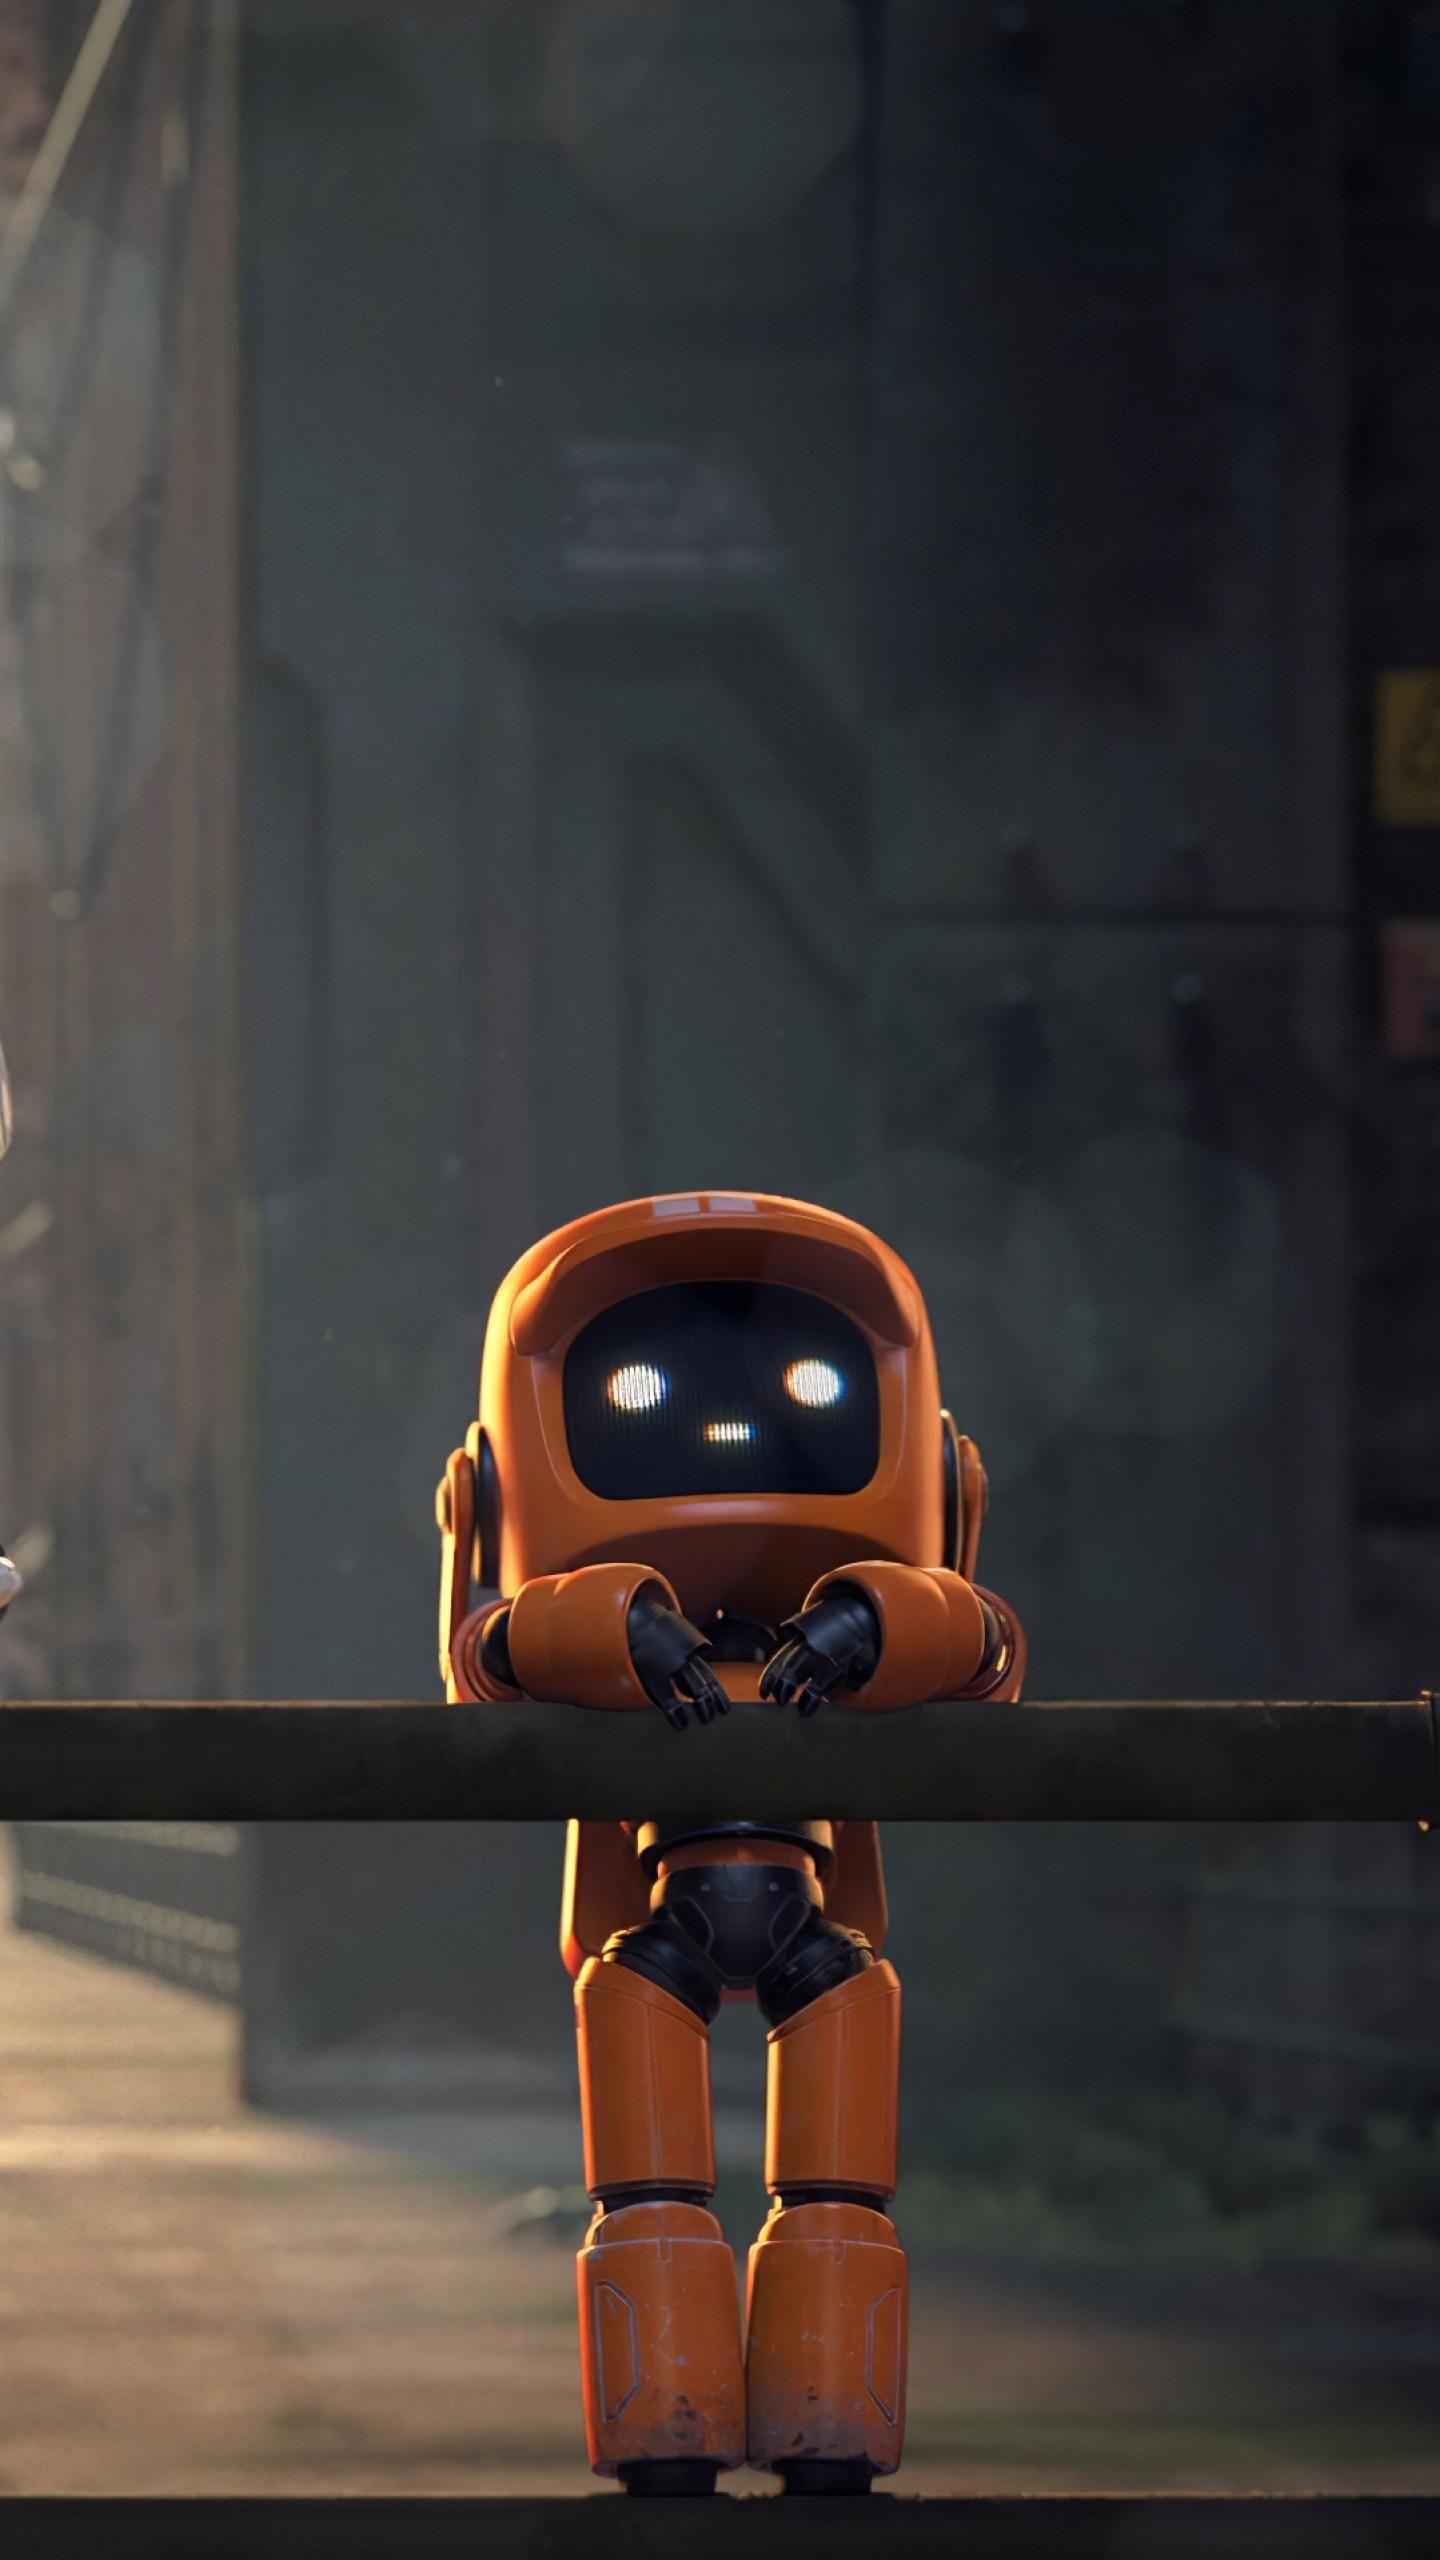 Love Death Amp Robots 1440x2560 In 2020 Robot Wallpaper Robot Art Robot Art Print